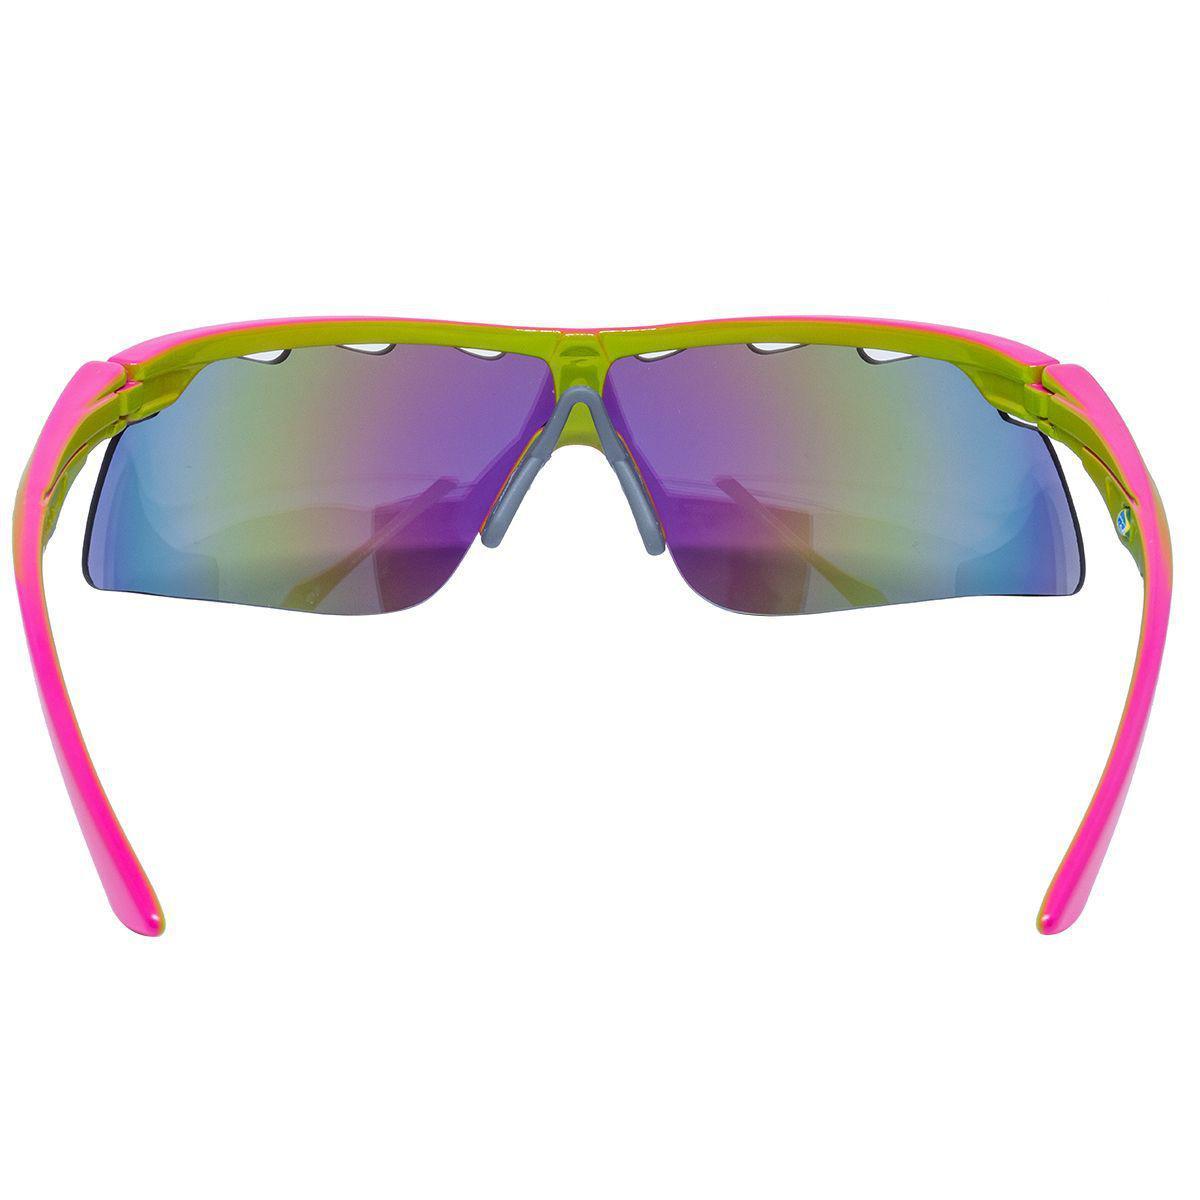 dbd6bcd15e91a Óculos de Sol Mormaii Athlon Esportivo Curvado - acetato rosa